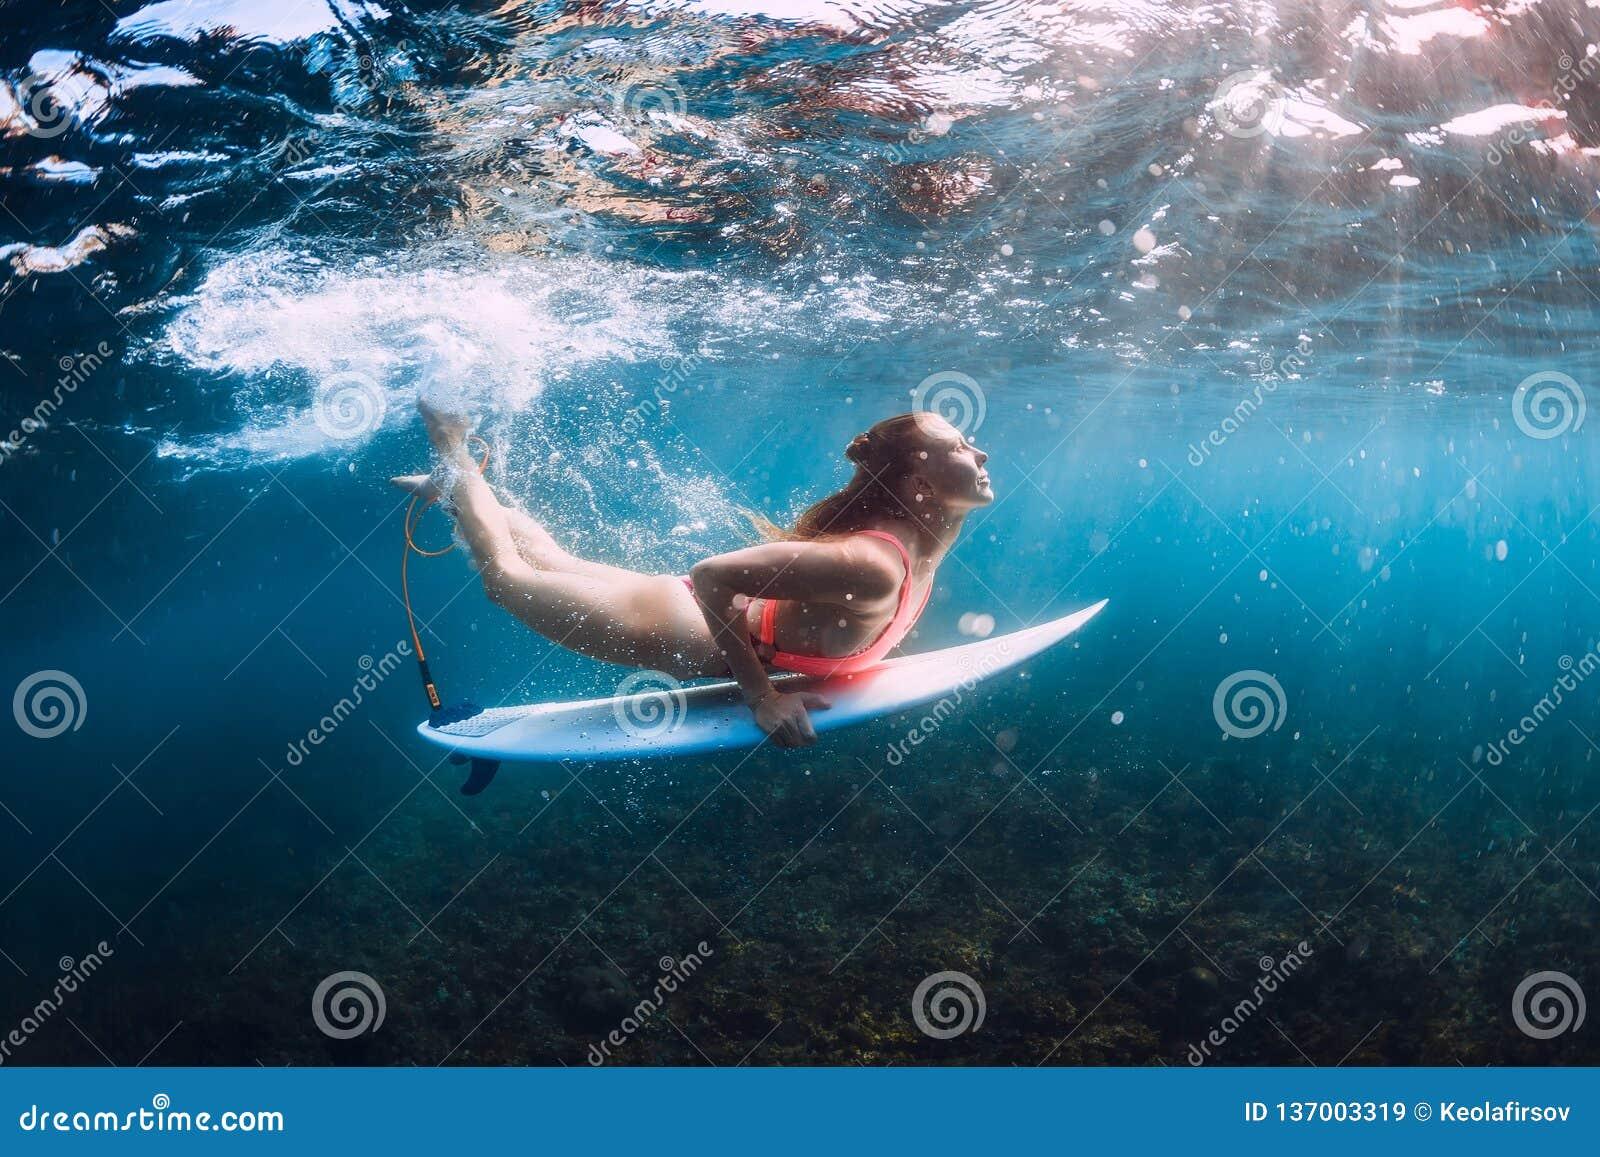 Mergulho da menina da ressaca debaixo d água com onda